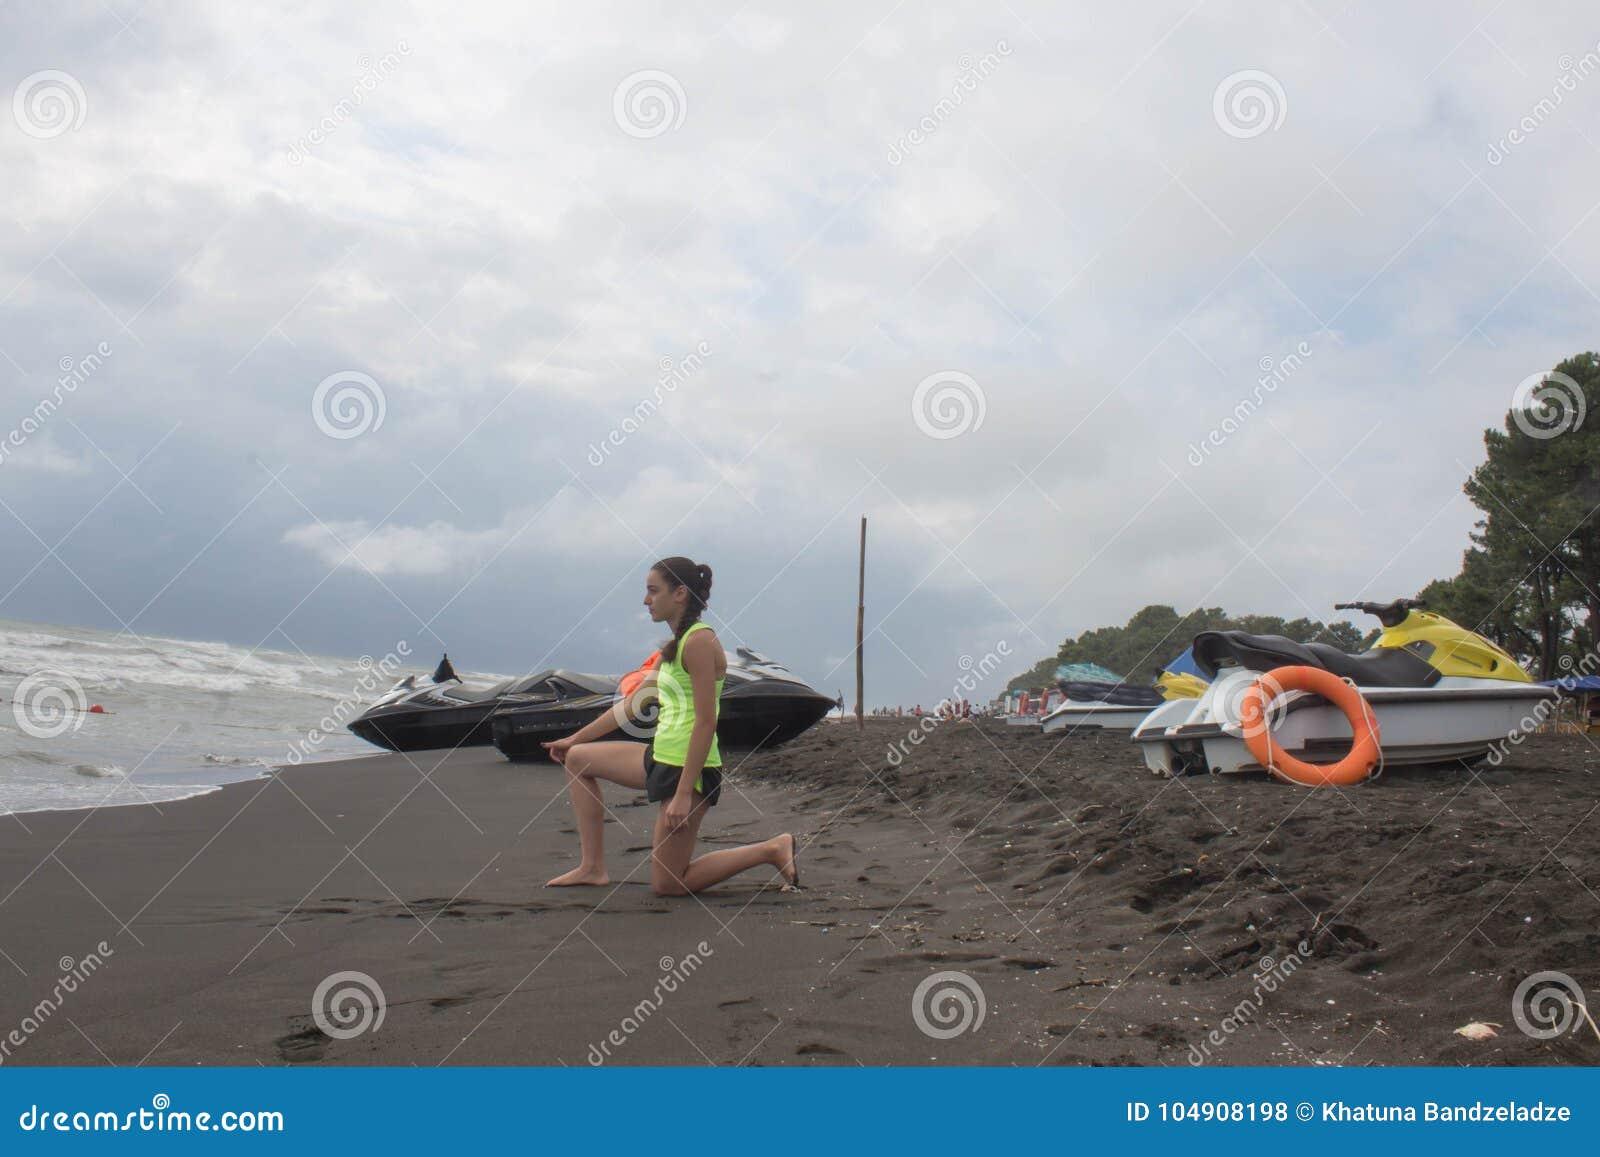 Meisjesbadmeester, met oranje boei voor het levensbesparing op plicht die overzees, oceaanstrand overzien Waterautoped op strand